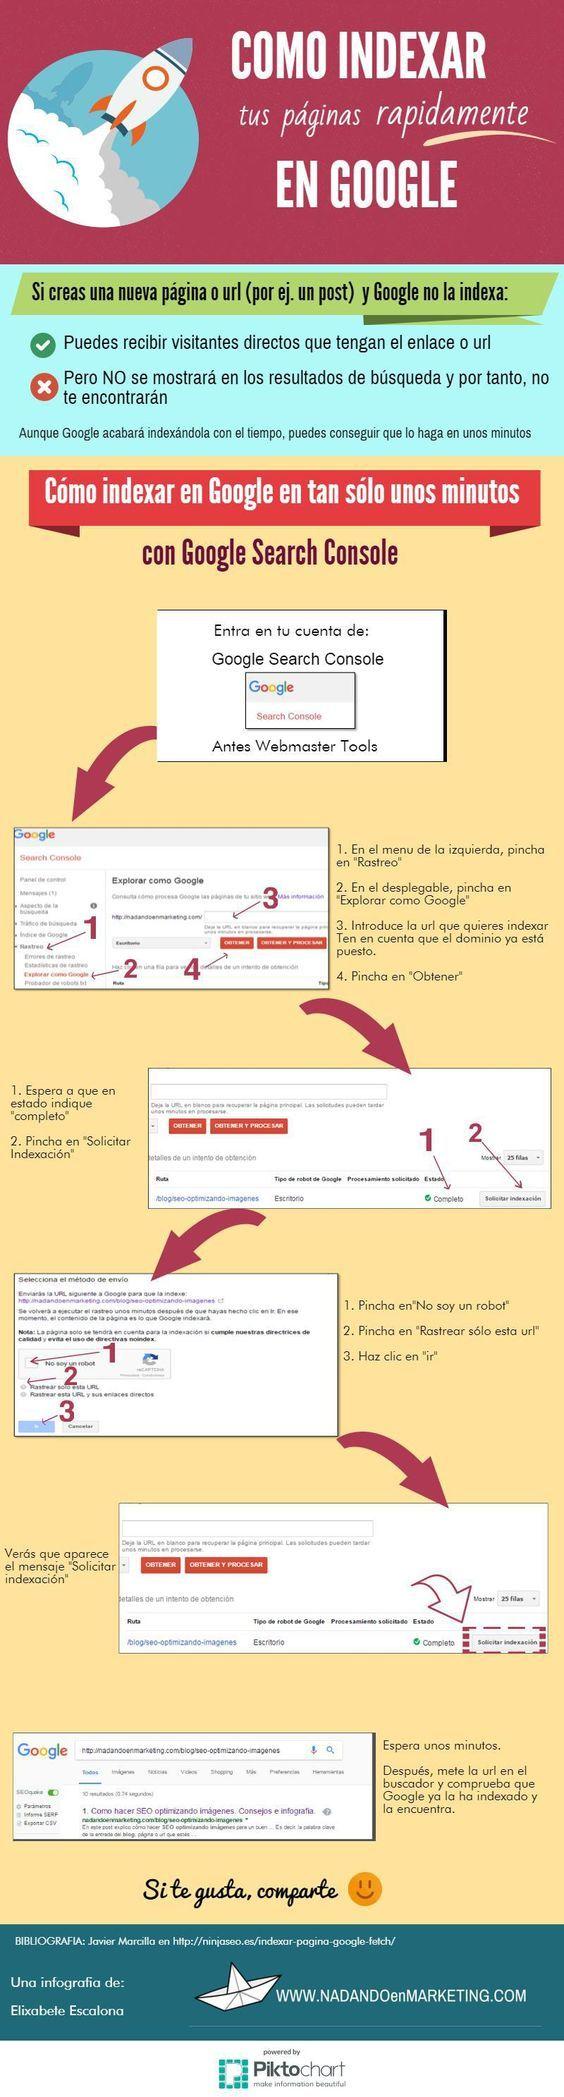 Cómo #indexar de forma fácil una #PaginaWeb en #Google  #buscadores #infografía #sitemap vía antevenio